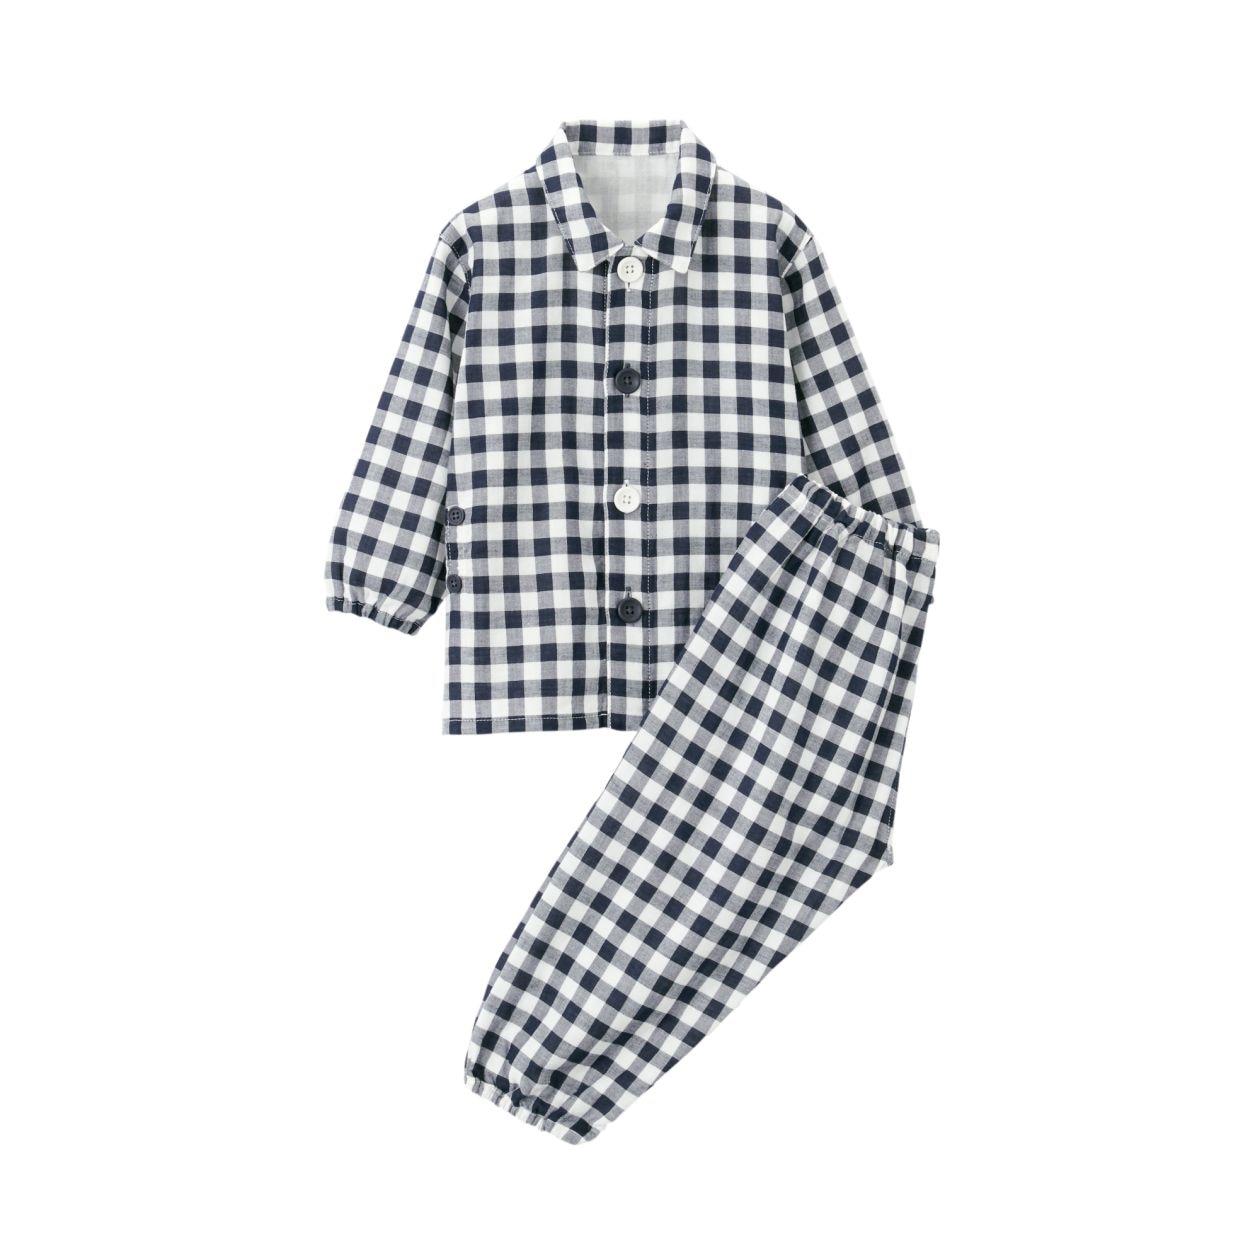 脇に縫い目のない 二重ガーゼお着替えパジャマ(ベビー)